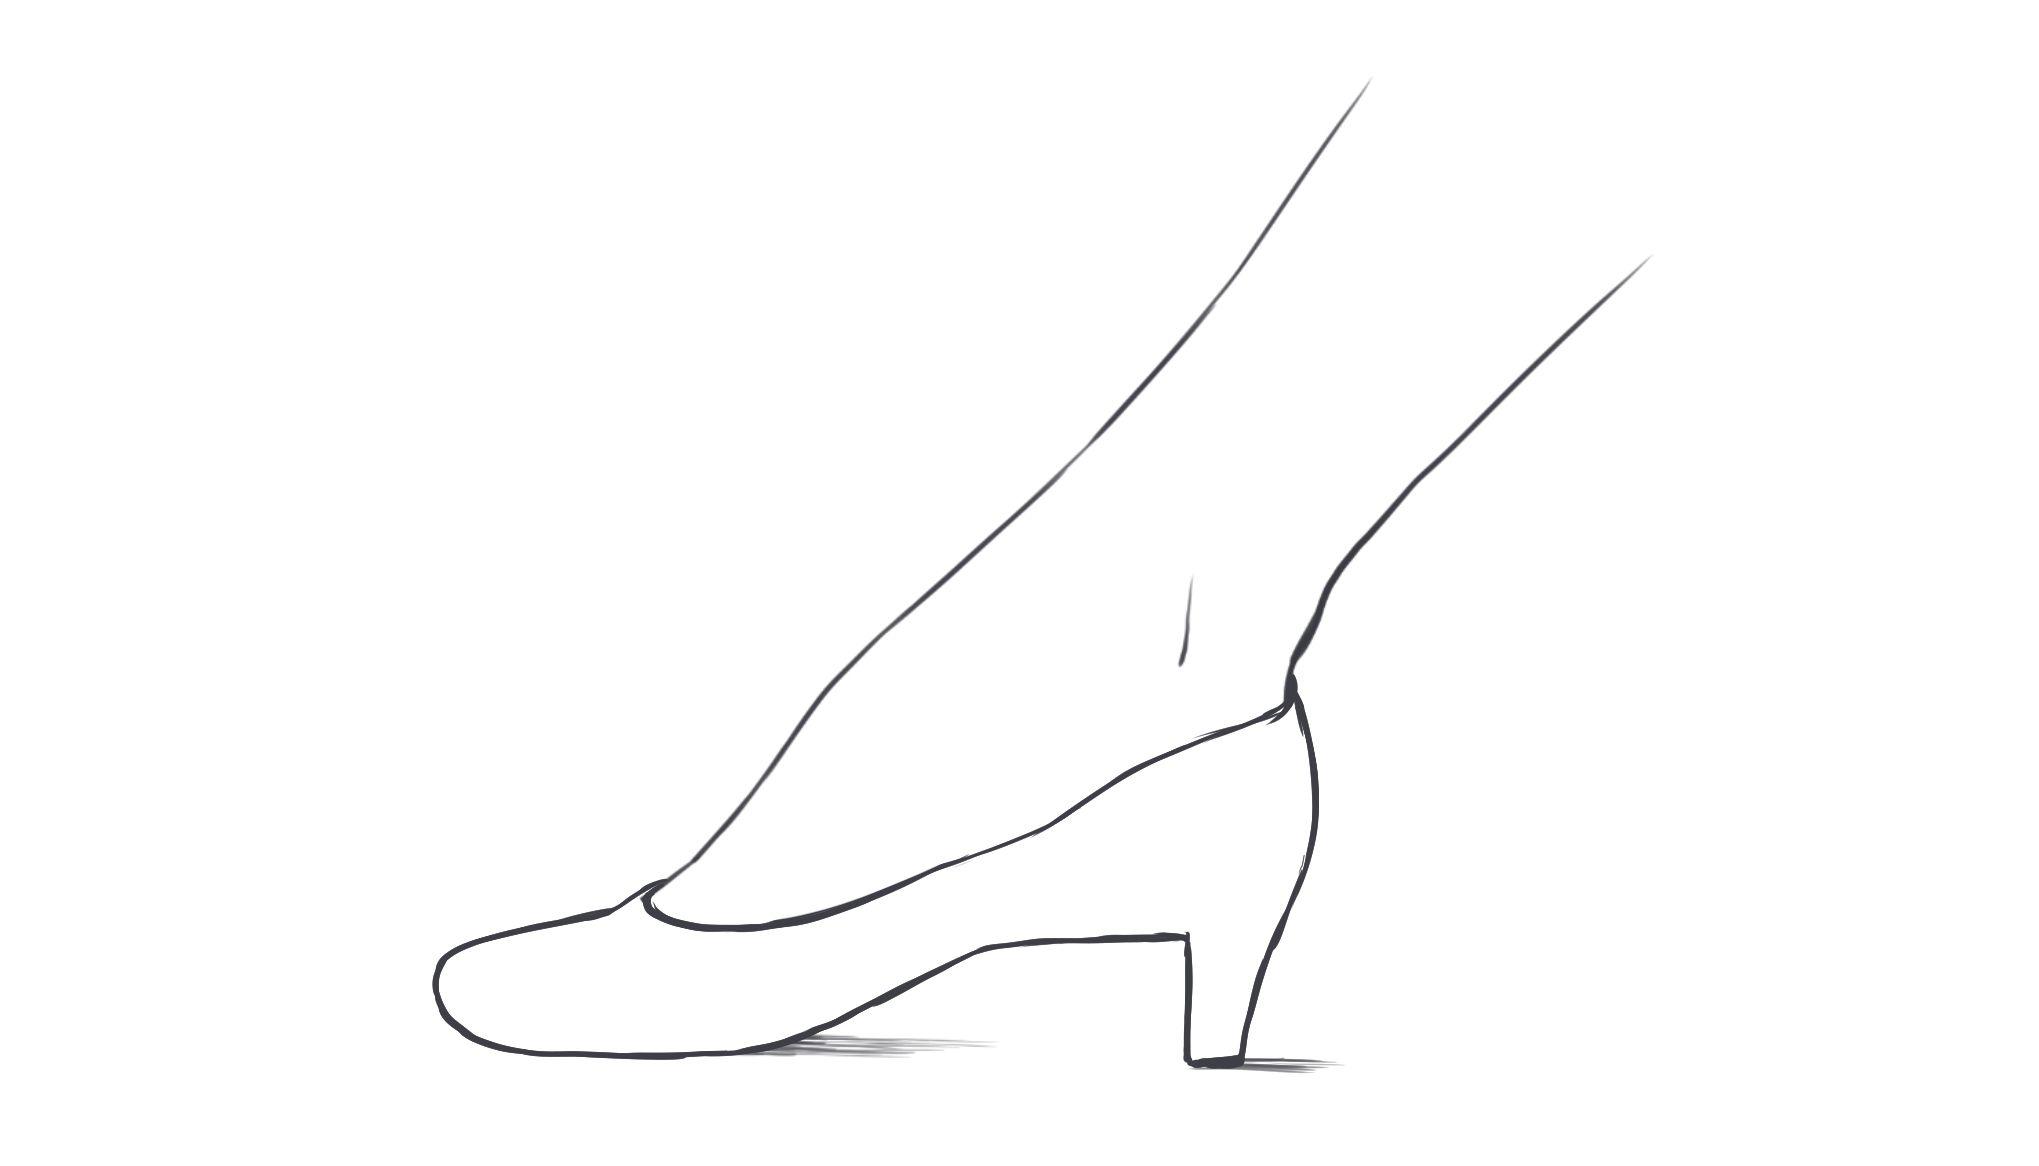 そのほか、地面についている場合だけでなく、このようにジャンプしている足にも、裸足から描いて靴を履かせることができます。 ジャンプしているので、靴底と裸足の間